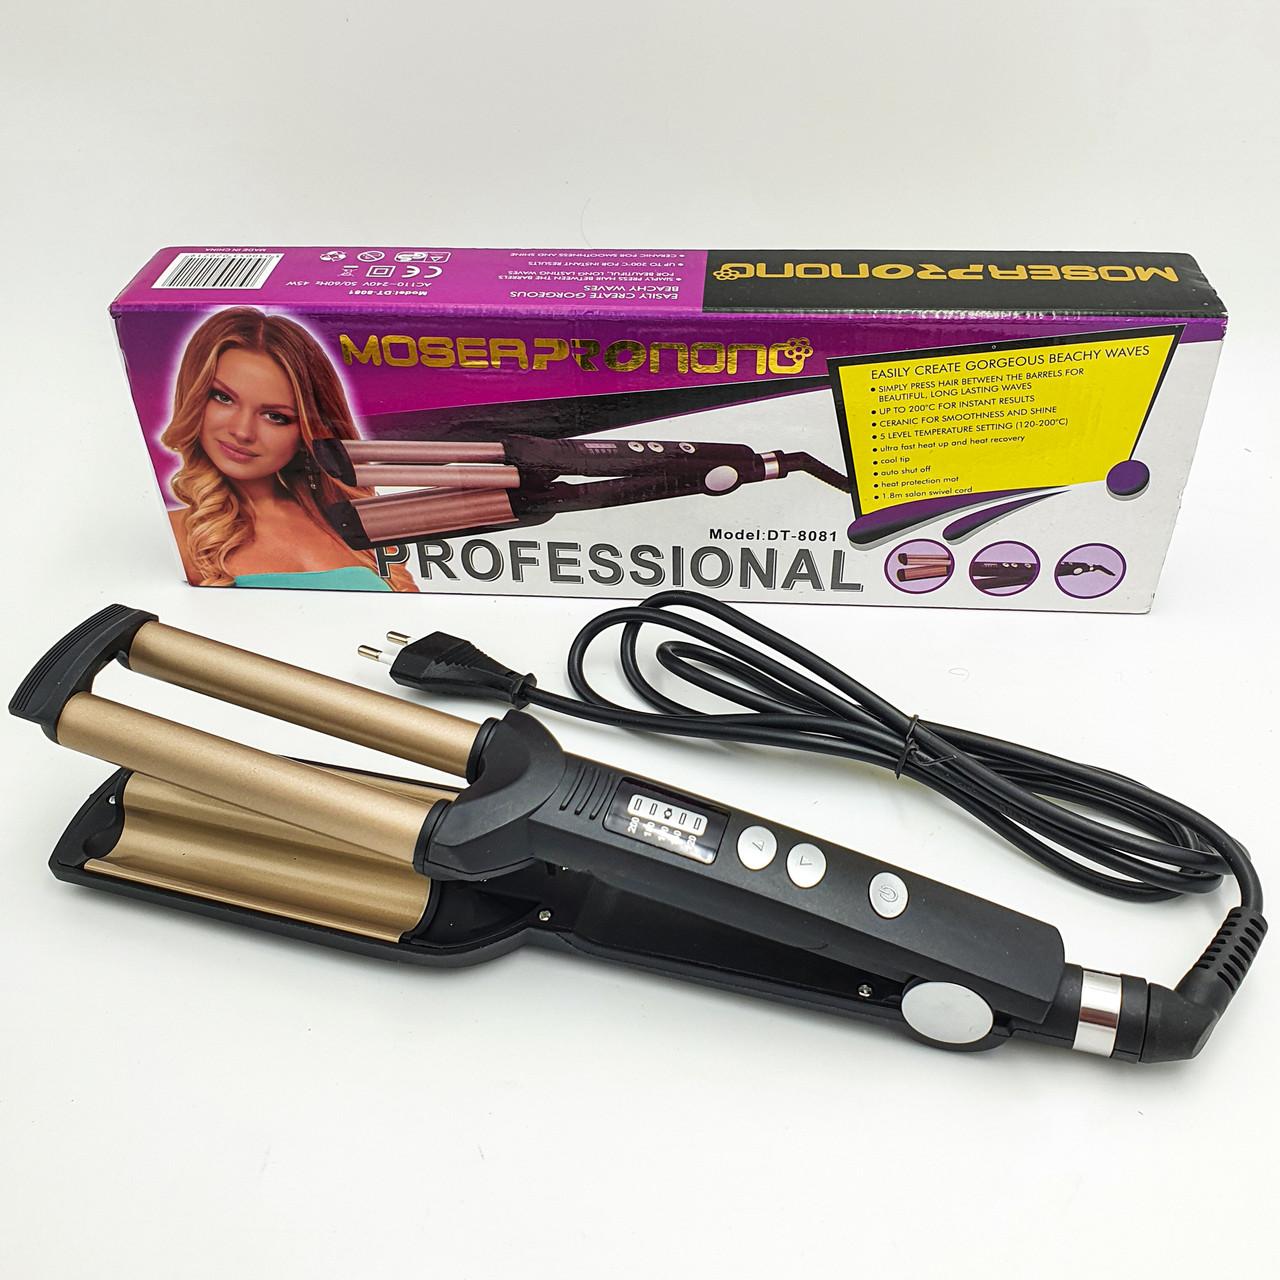 Потрійна плойка хвиля волосся, щипці три хвилі Pro Mozer Ceramic nano titanium DT - 8081